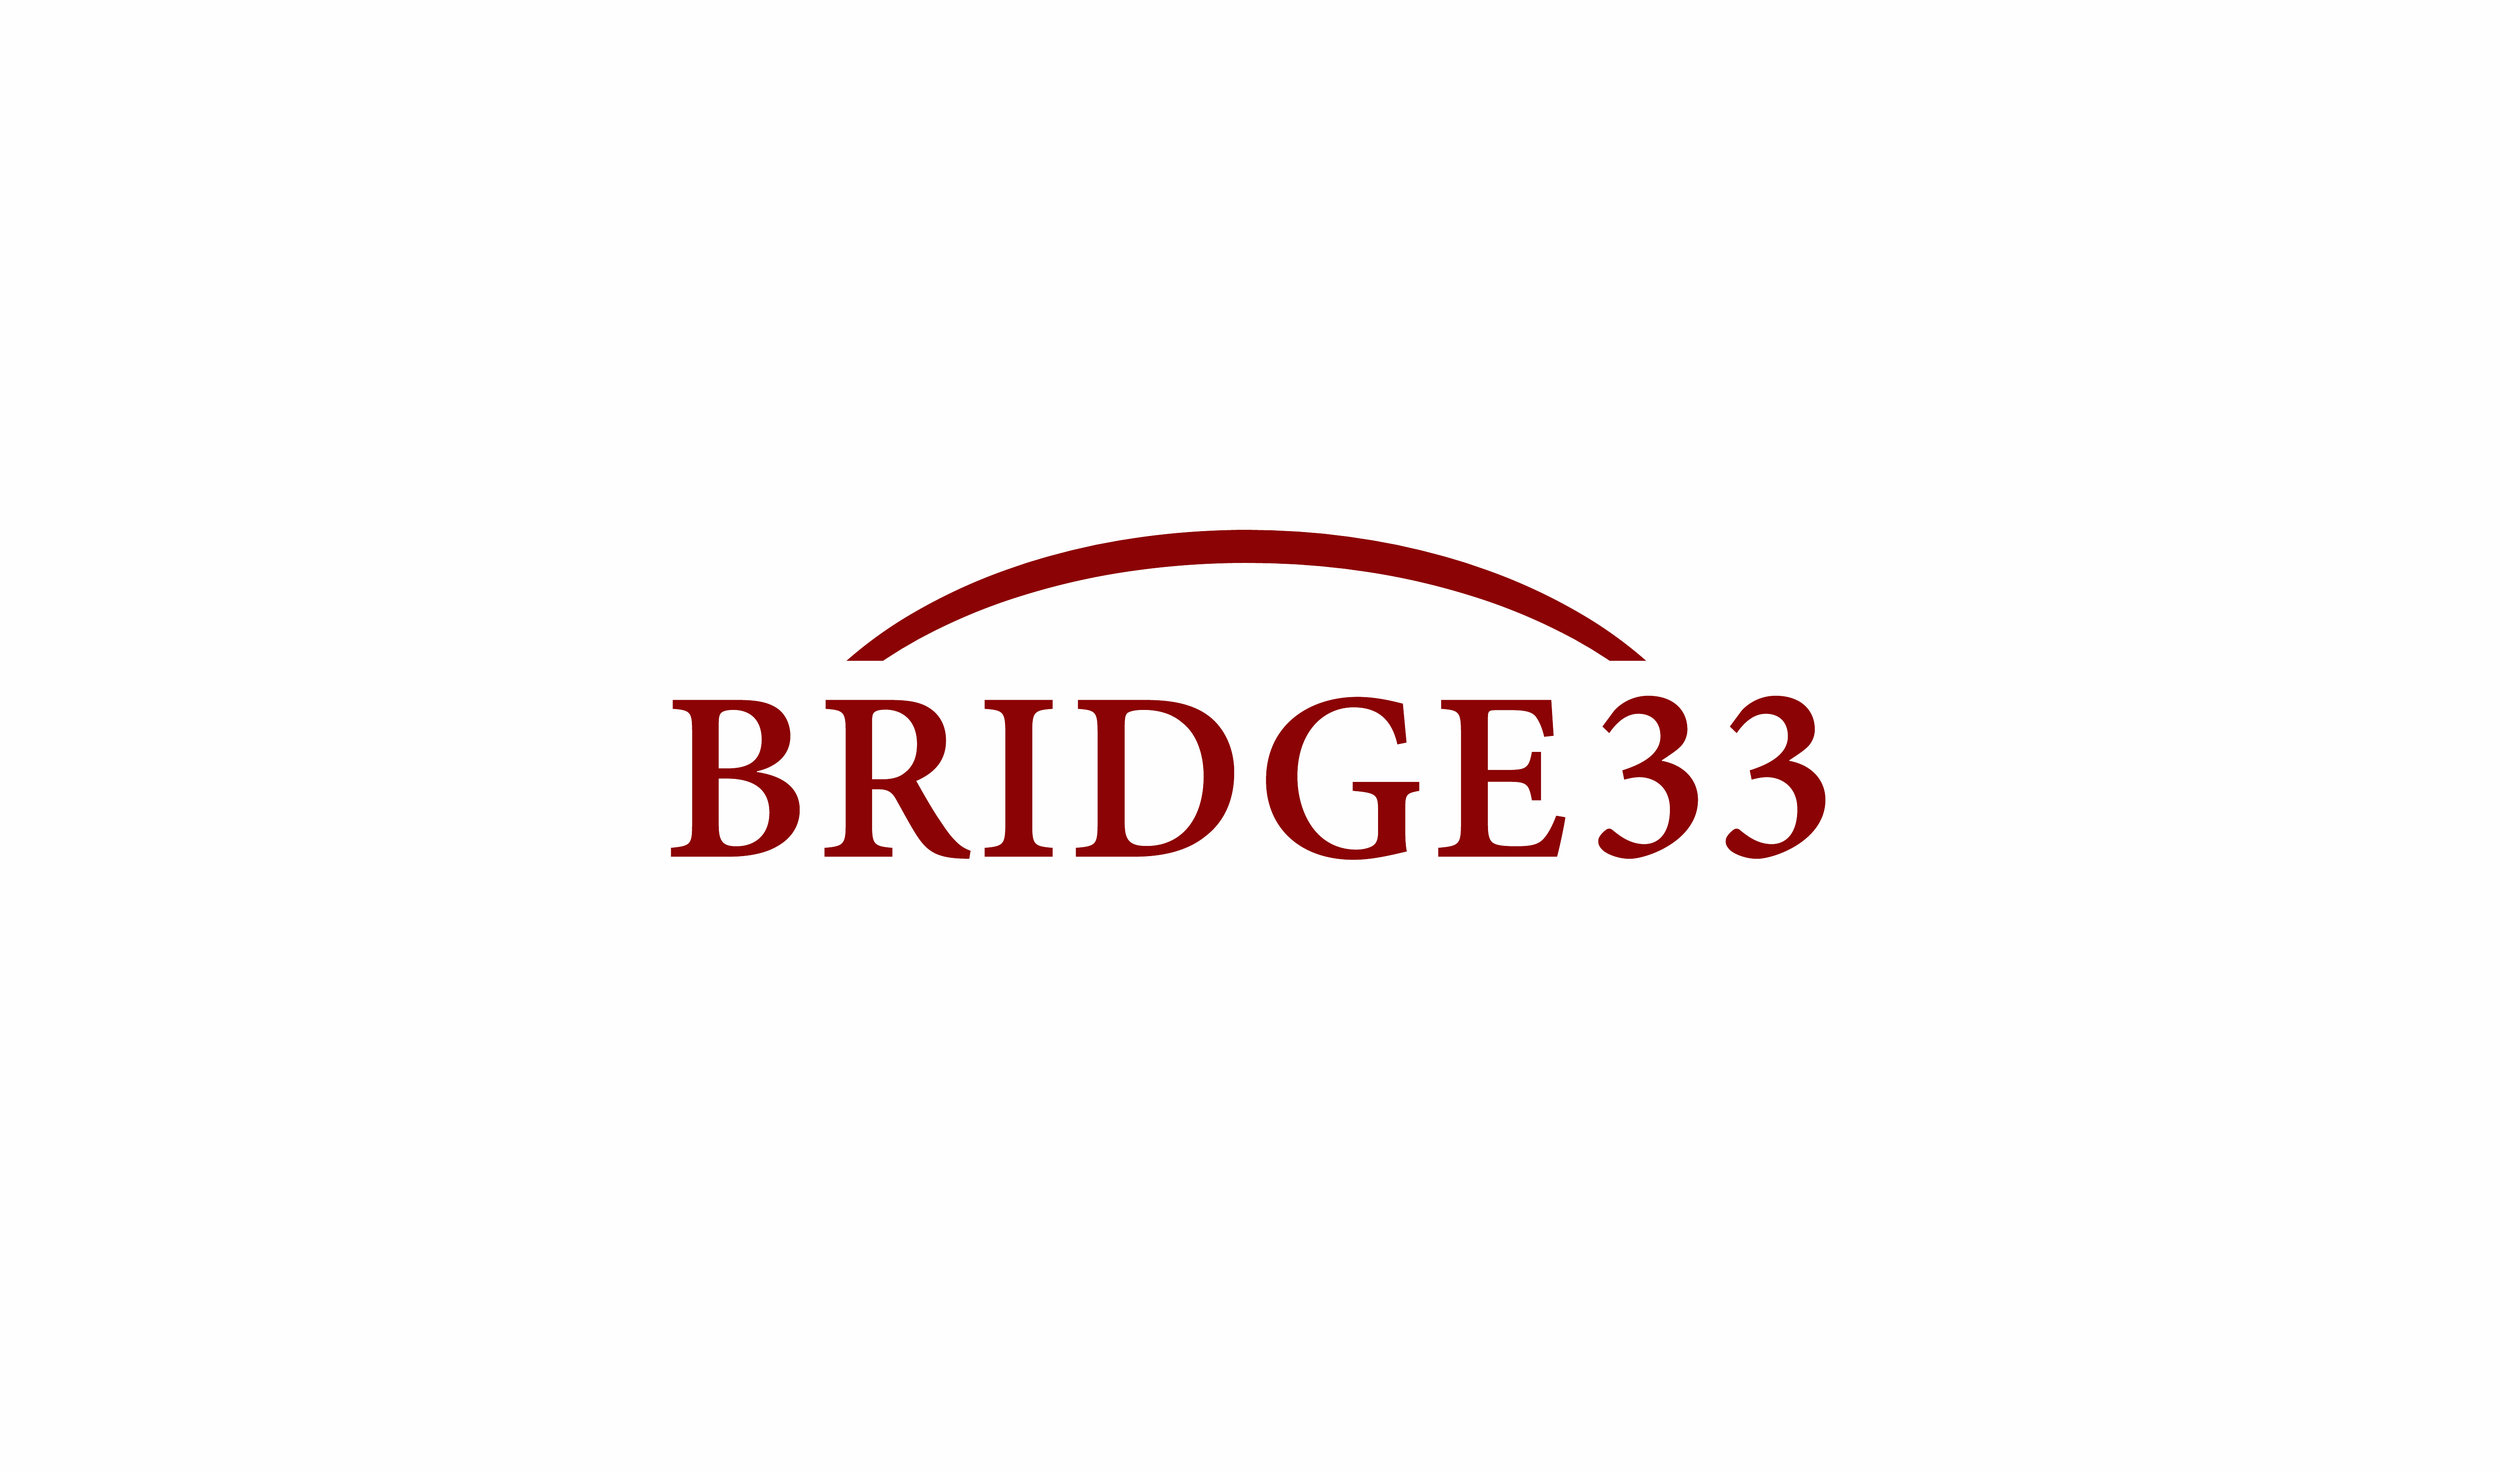 bridge33-white-v2.jpg